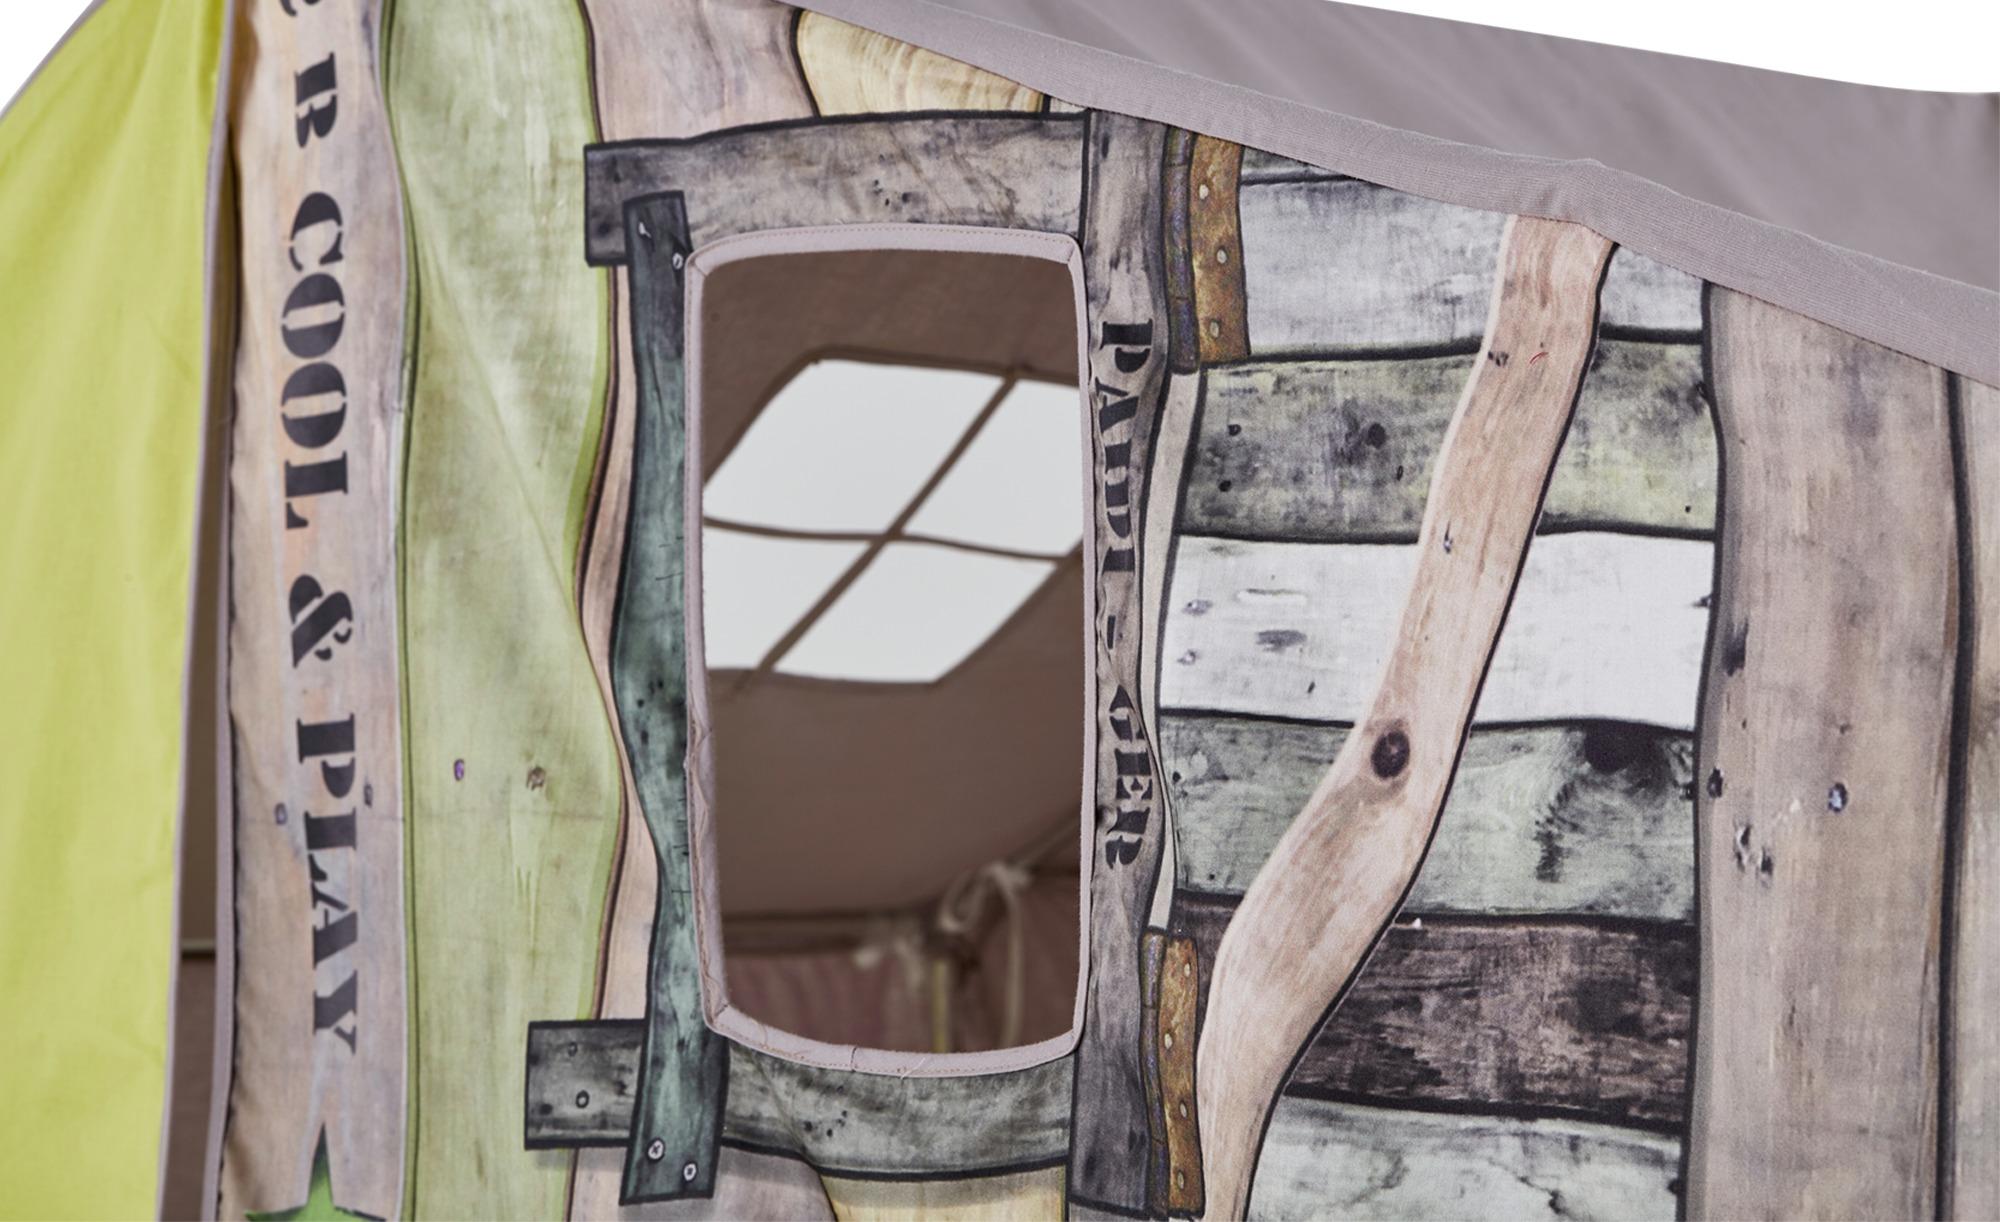 PAIDI Loft-Zelt-Dach Vintage  Fiona ¦ mehrfarbig ¦ Maße (cm): B: 90 H: 72 Sonstiges Zubehör - Höffner   Baumarkt > Camping und Zubehör > Zelte   Mehrfarbig   Möbel Höffner DE